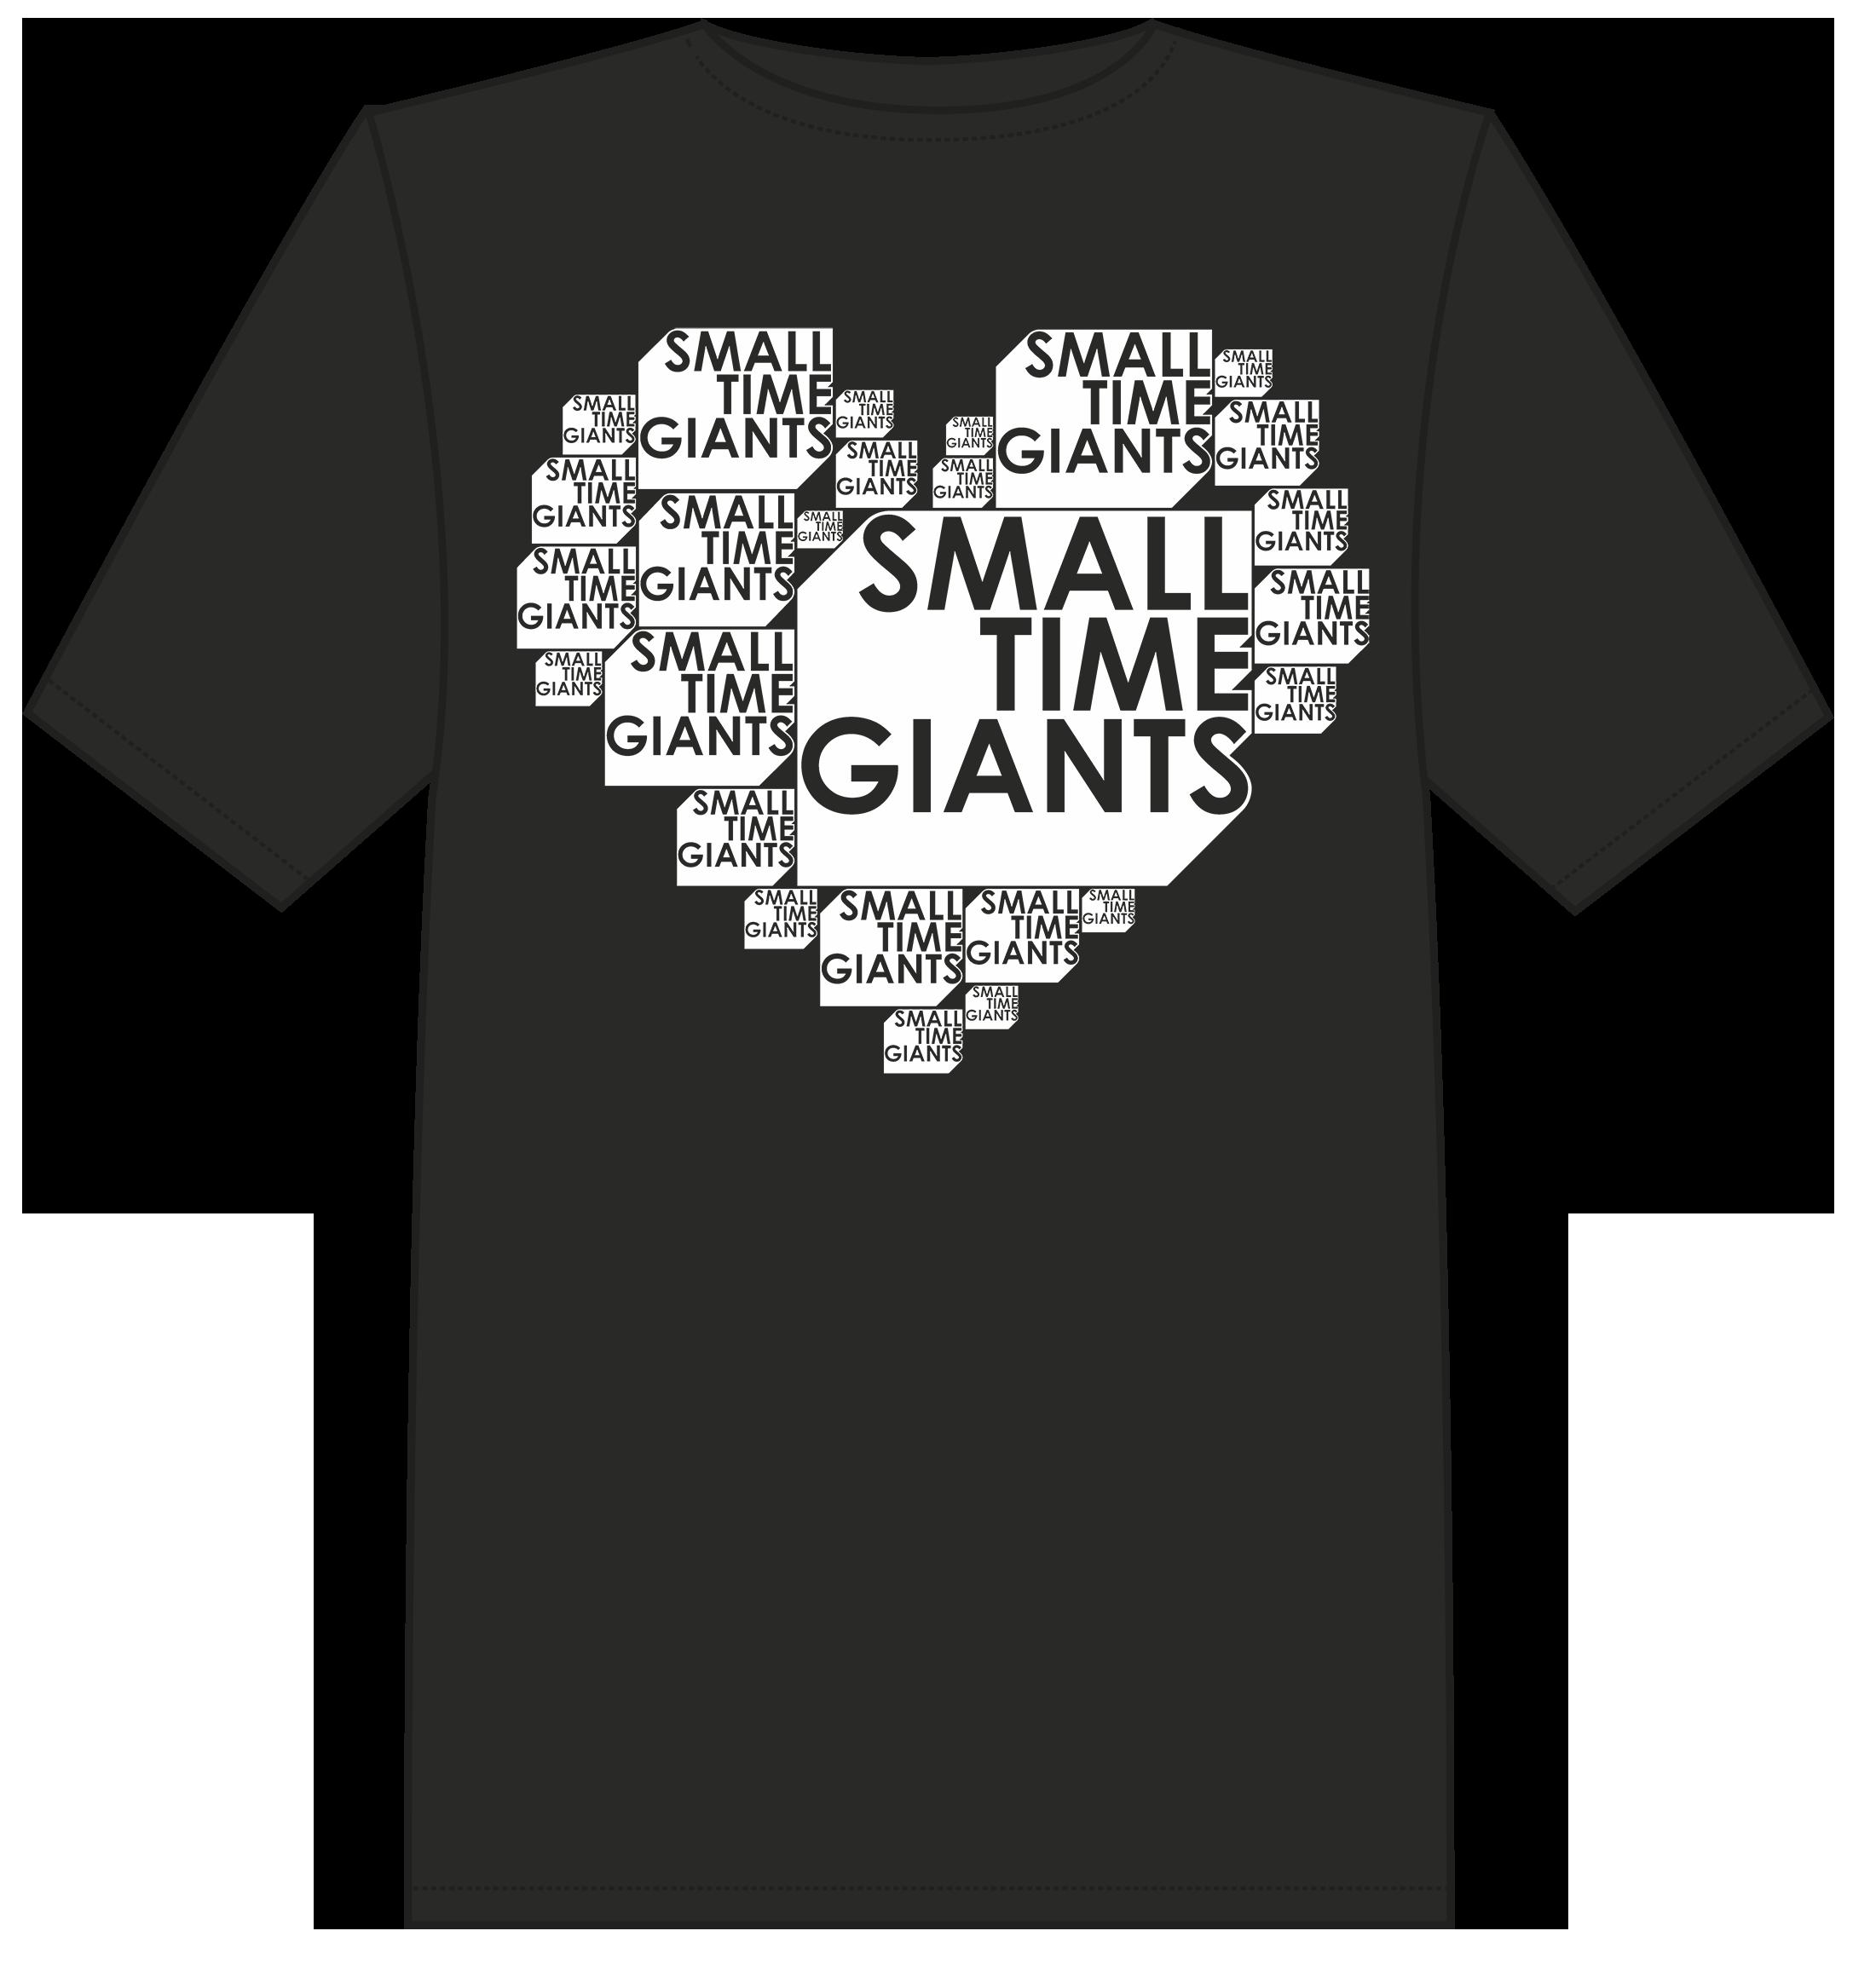 STG_T-shirt_Order_Nov2015-1.png